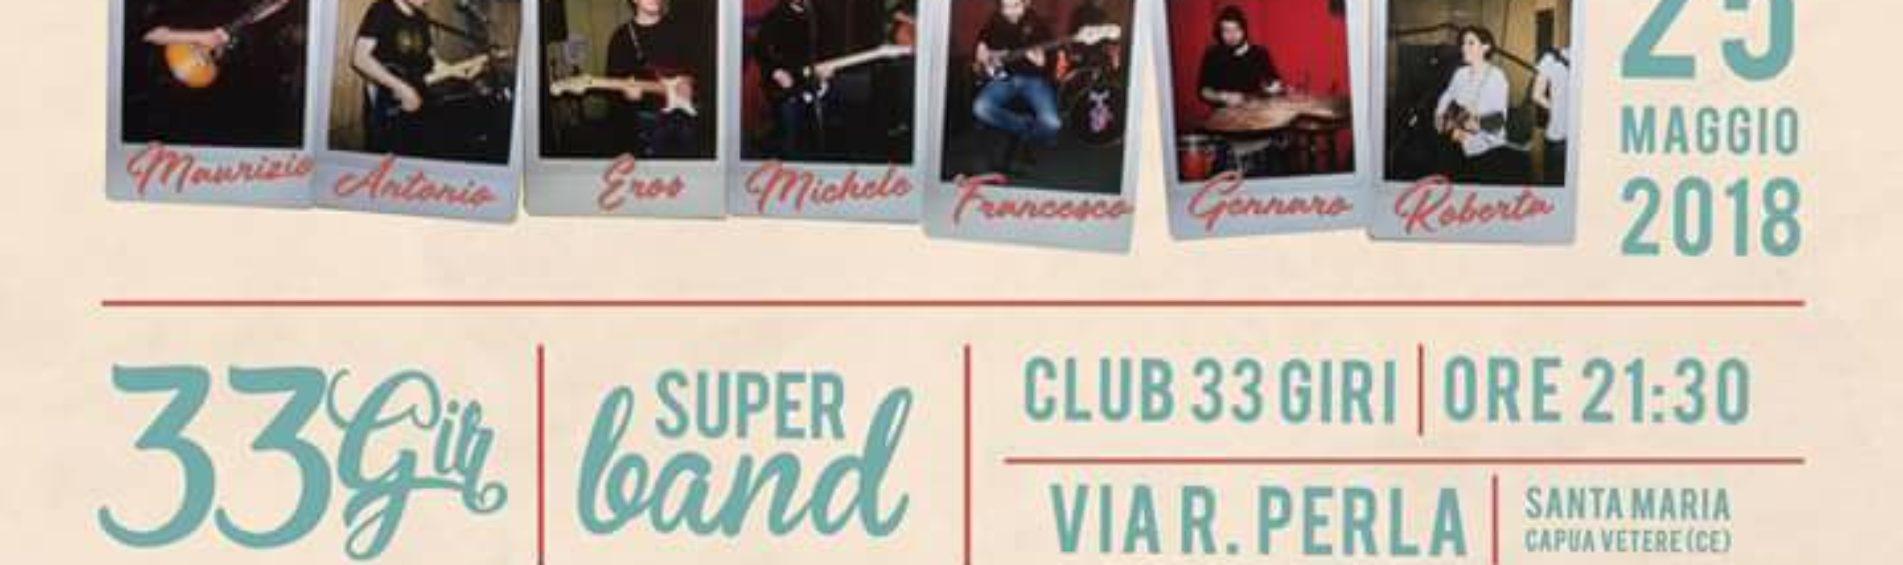 Festa di fine stagione 2017/2018: 33 Giri Super Band Live